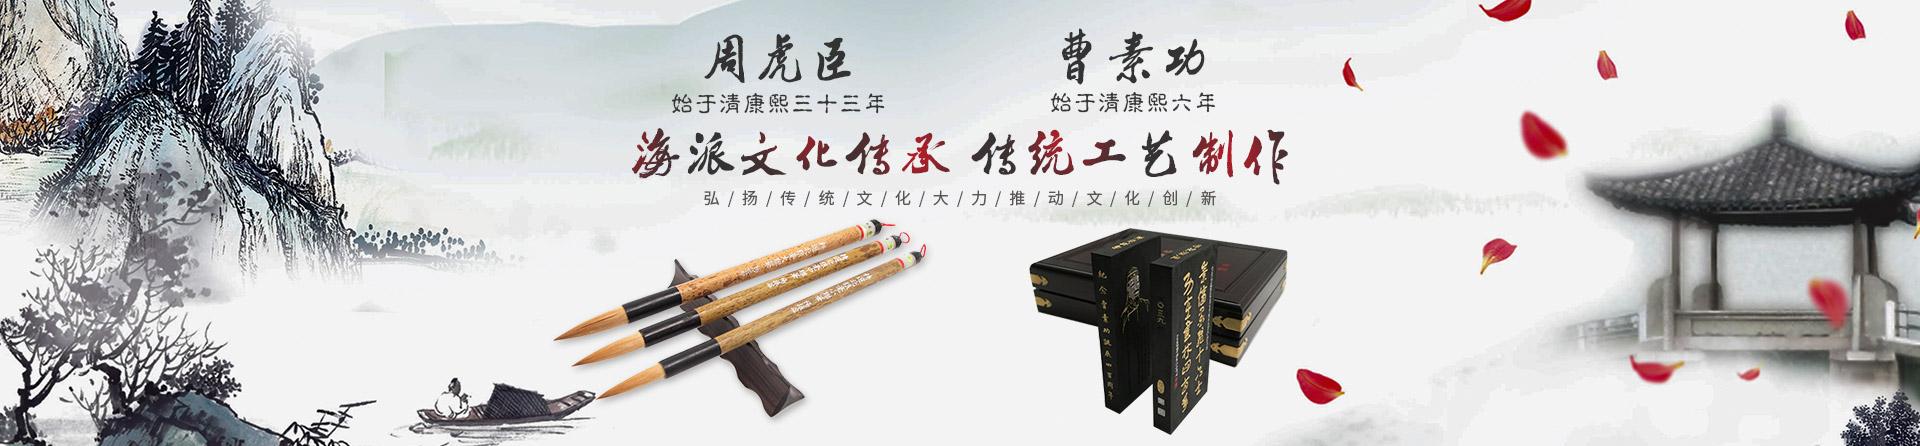 上海周虎臣曹素功笔墨有限公司